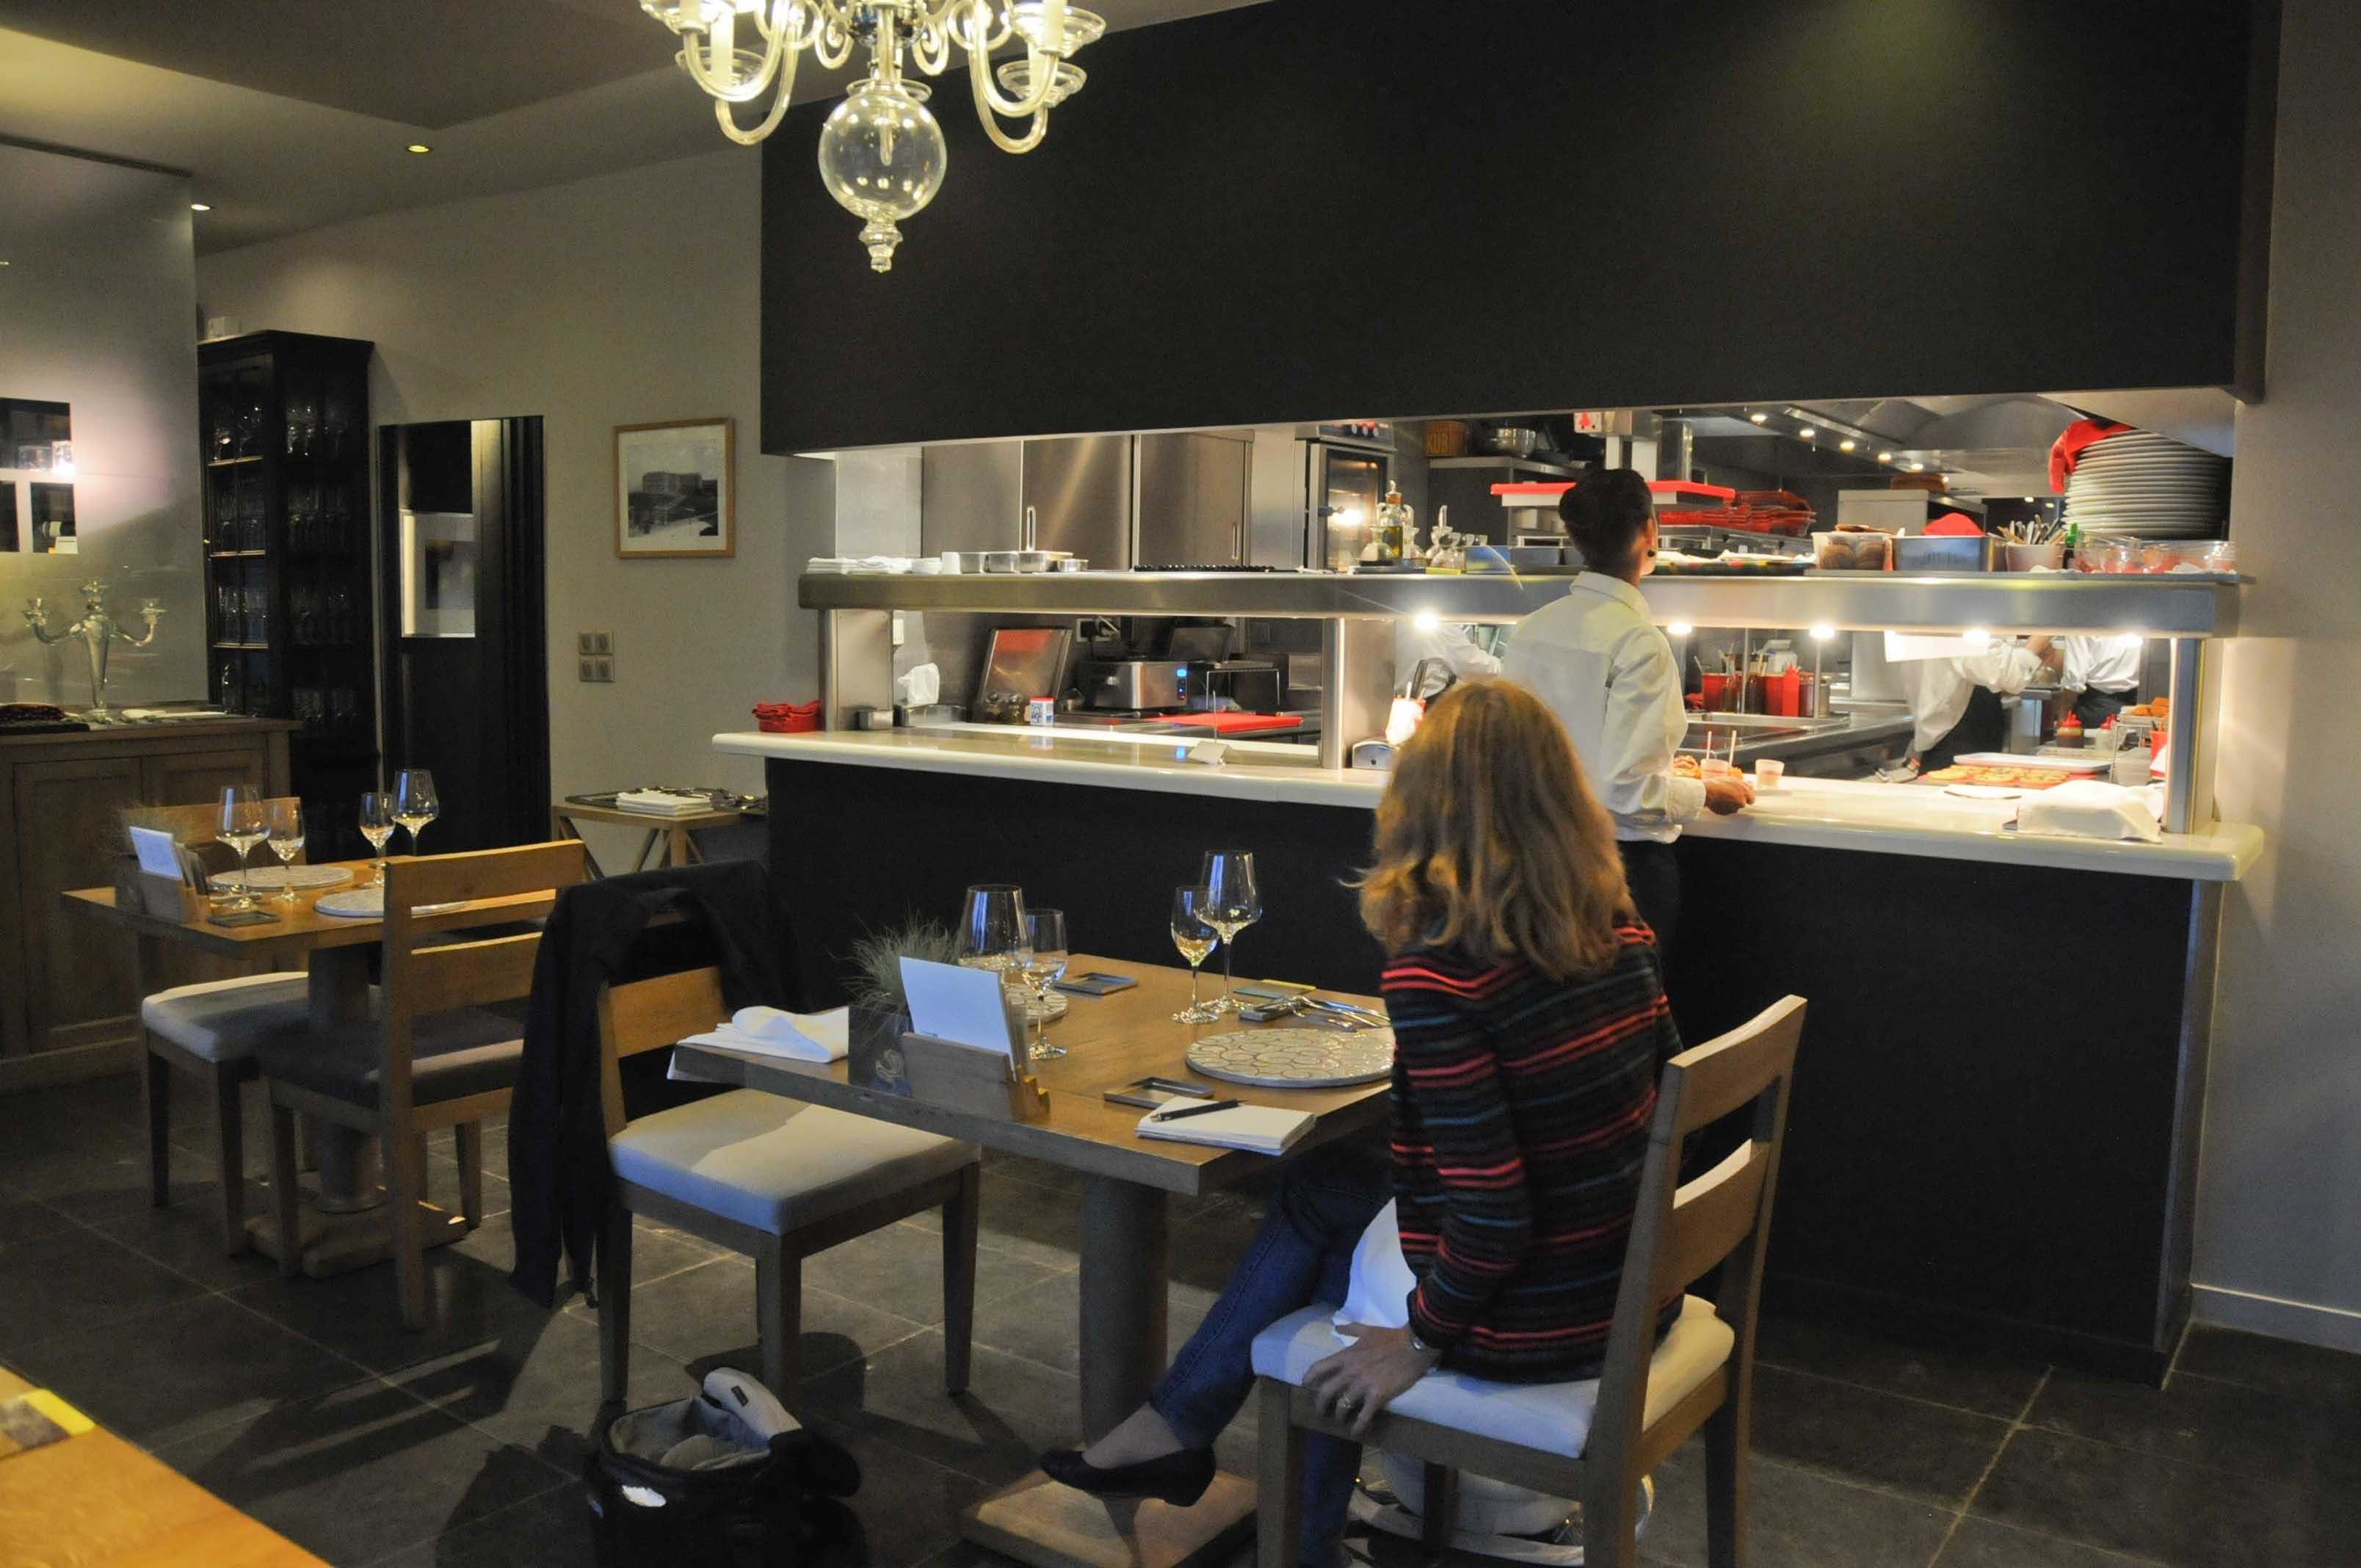 L 39 auberge basque saint p e sur nivelle c dric b chade for Cuisine ouverte restaurant norme